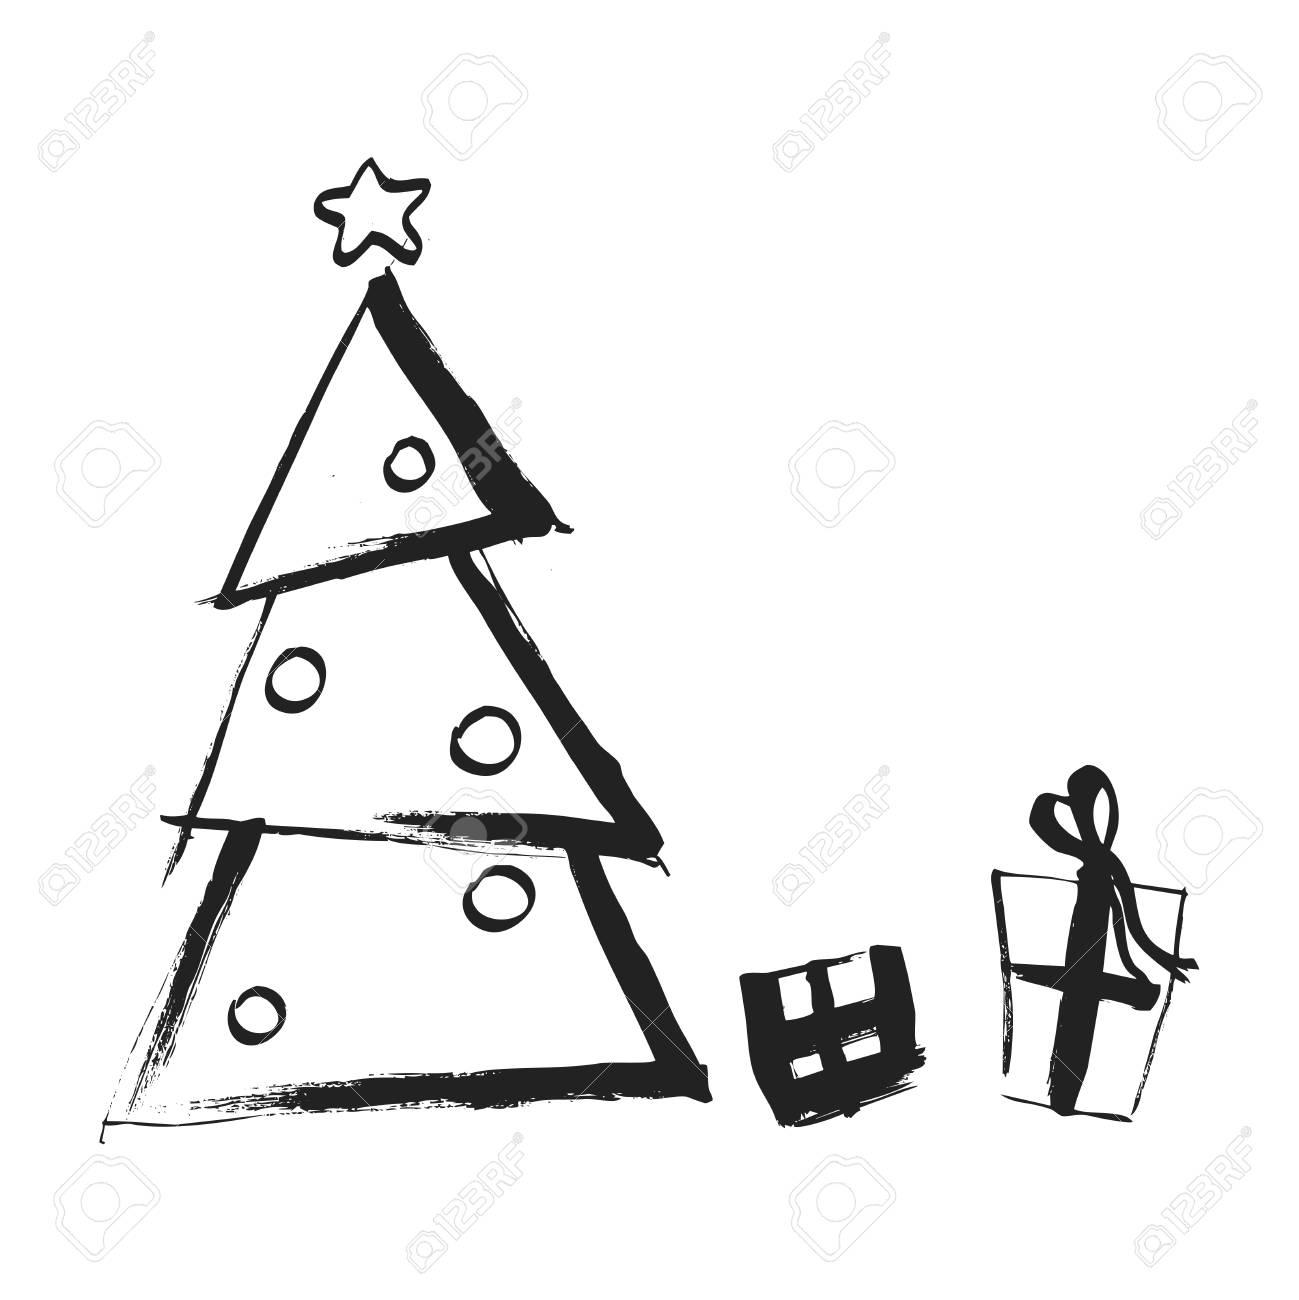 Handdrawing Arbre De Noël Avec Des Boîtes De Cadeaux Sapin De Noël Noir Et Blanc